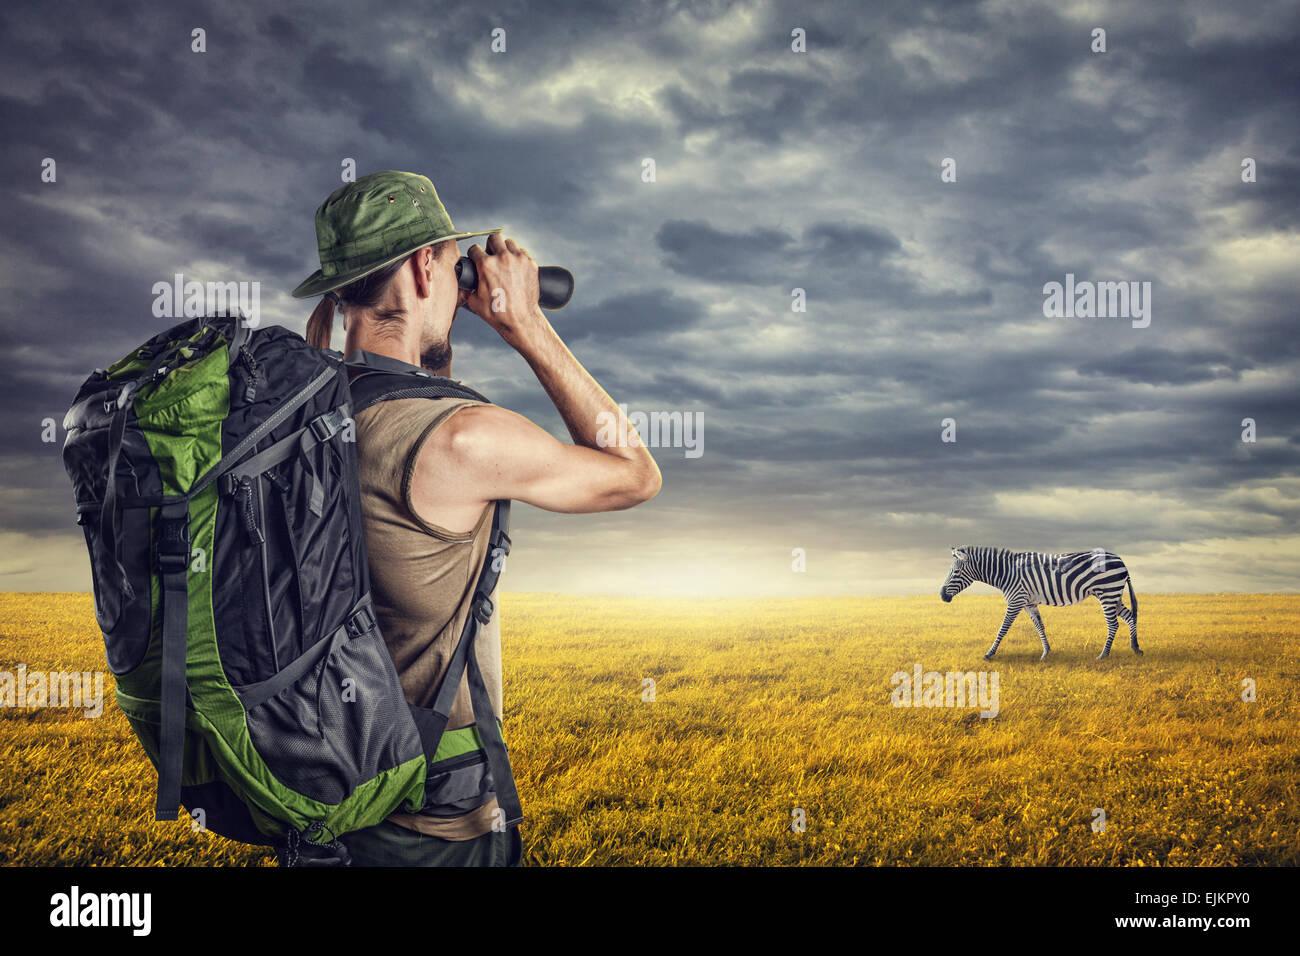 L'homme avec l'observation binoculaire zèbre dans la savane au coucher du soleil Ciel avec nuages spectaculaires Photo Stock